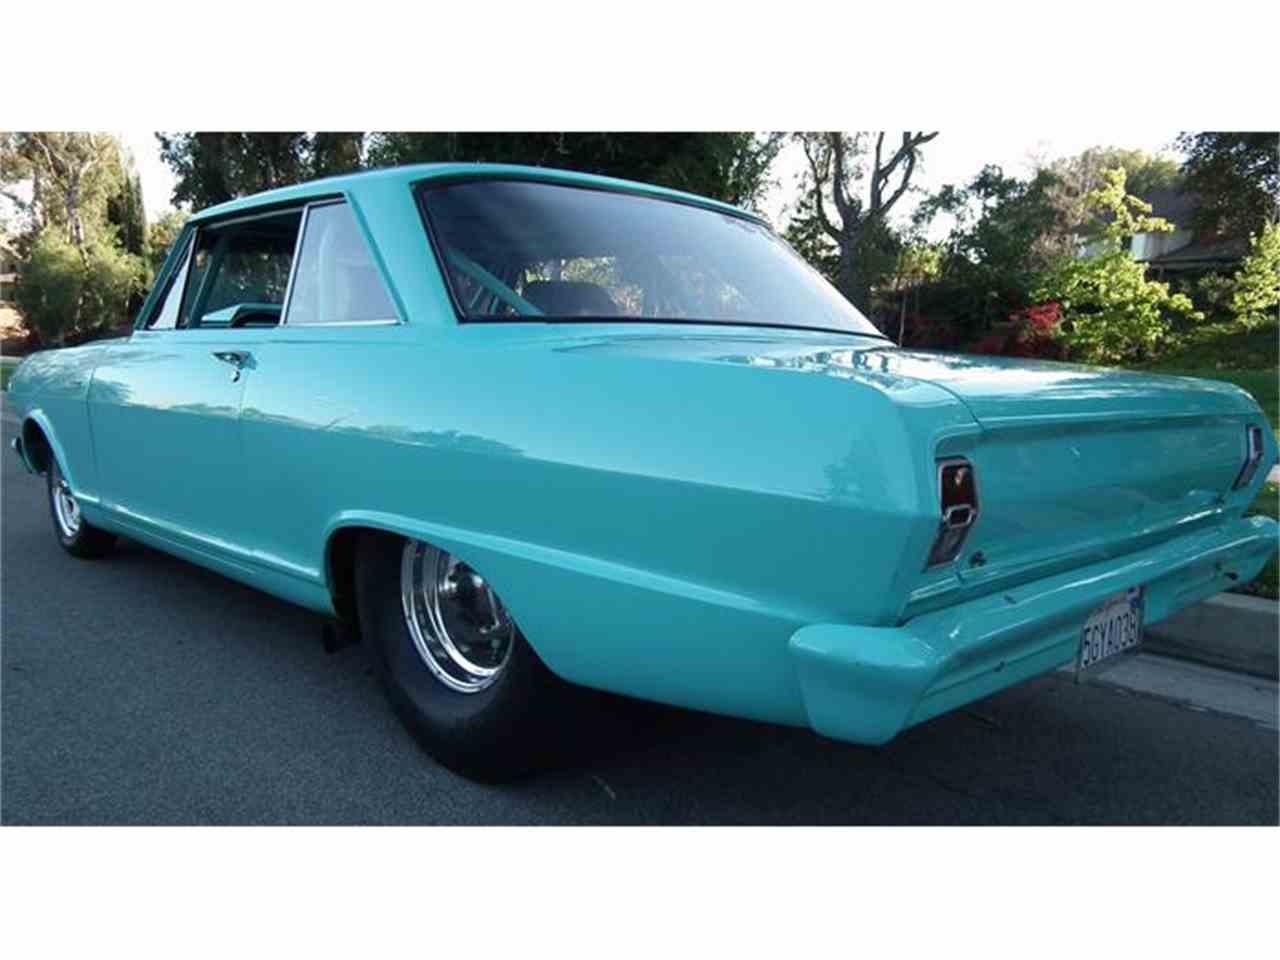 All Chevy 64 chevy nova : 1964 Chevrolet Nova for Sale | ClassicCars.com | CC-435358